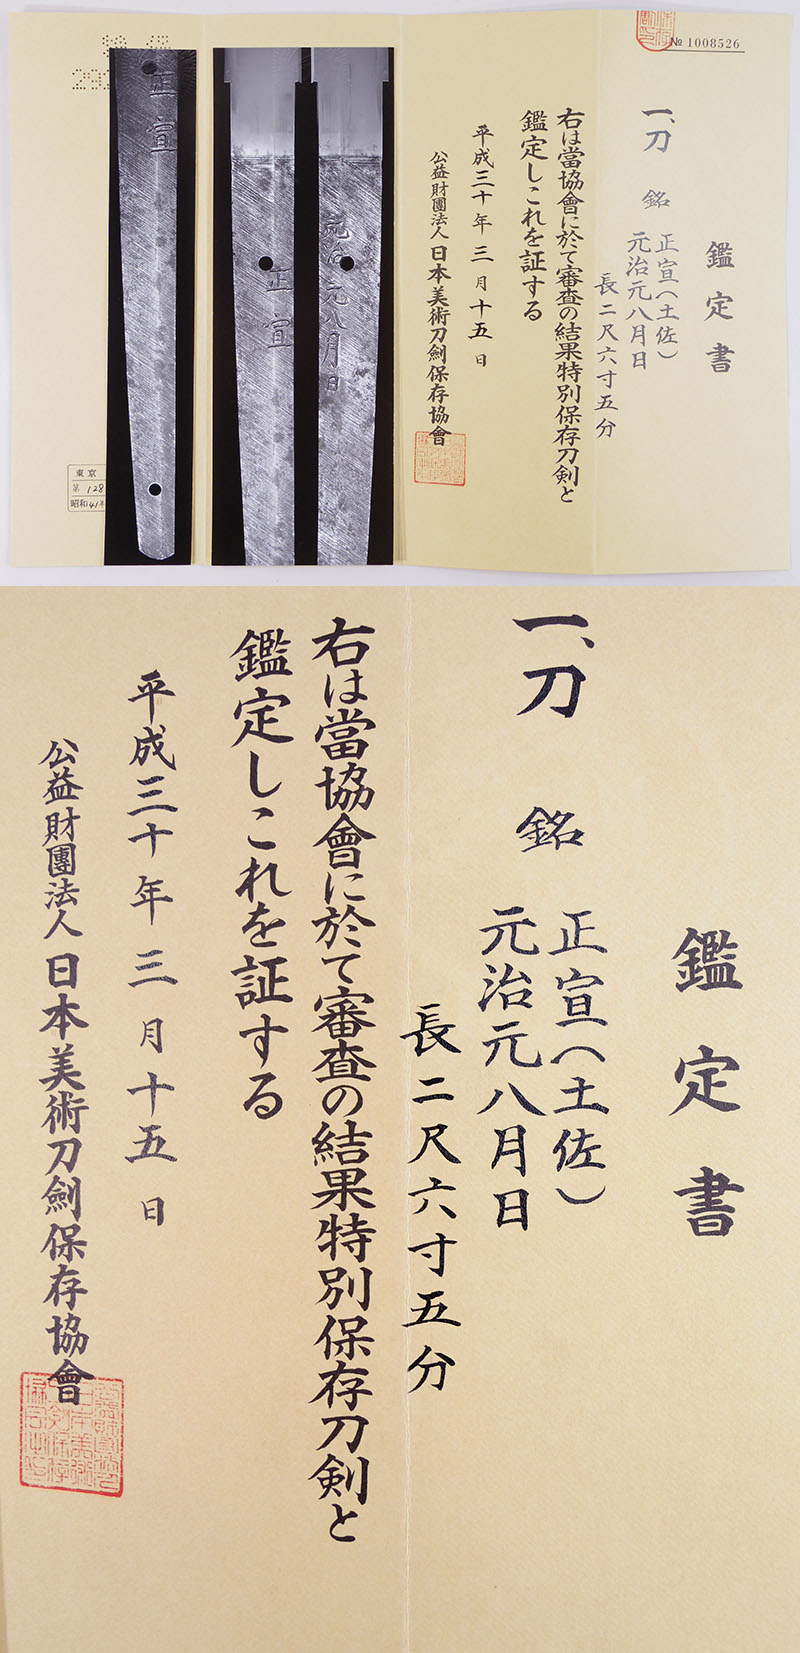 正宣(土佐)(建依別安喜住正宣) Picture of Certificate